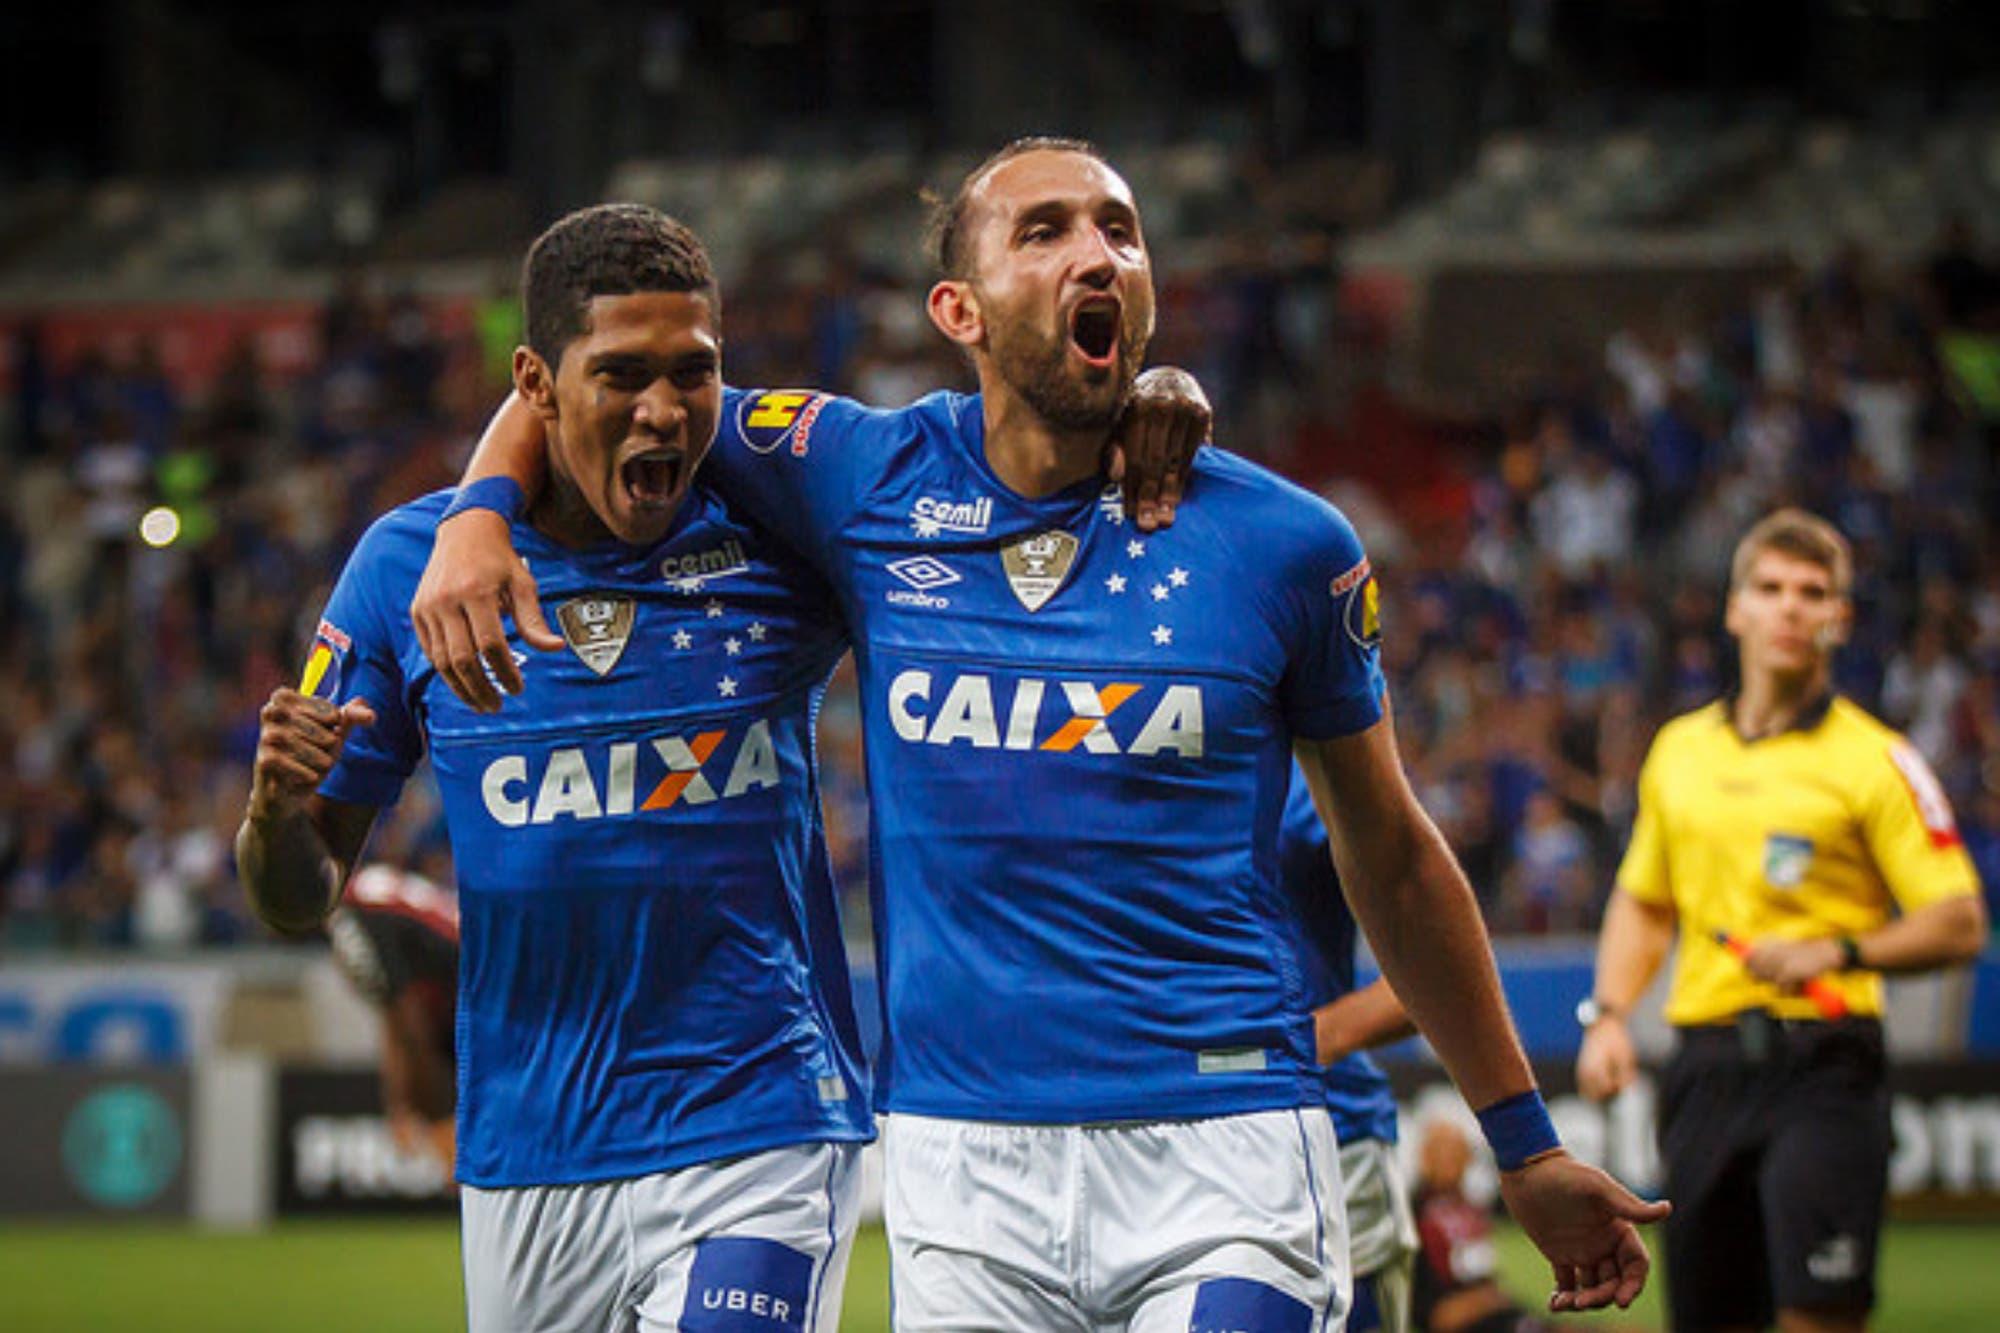 Así juega Cruzeiro: la radiografía del equipo brasileño que buscará eliminar a Boca de la Copa Libertadores